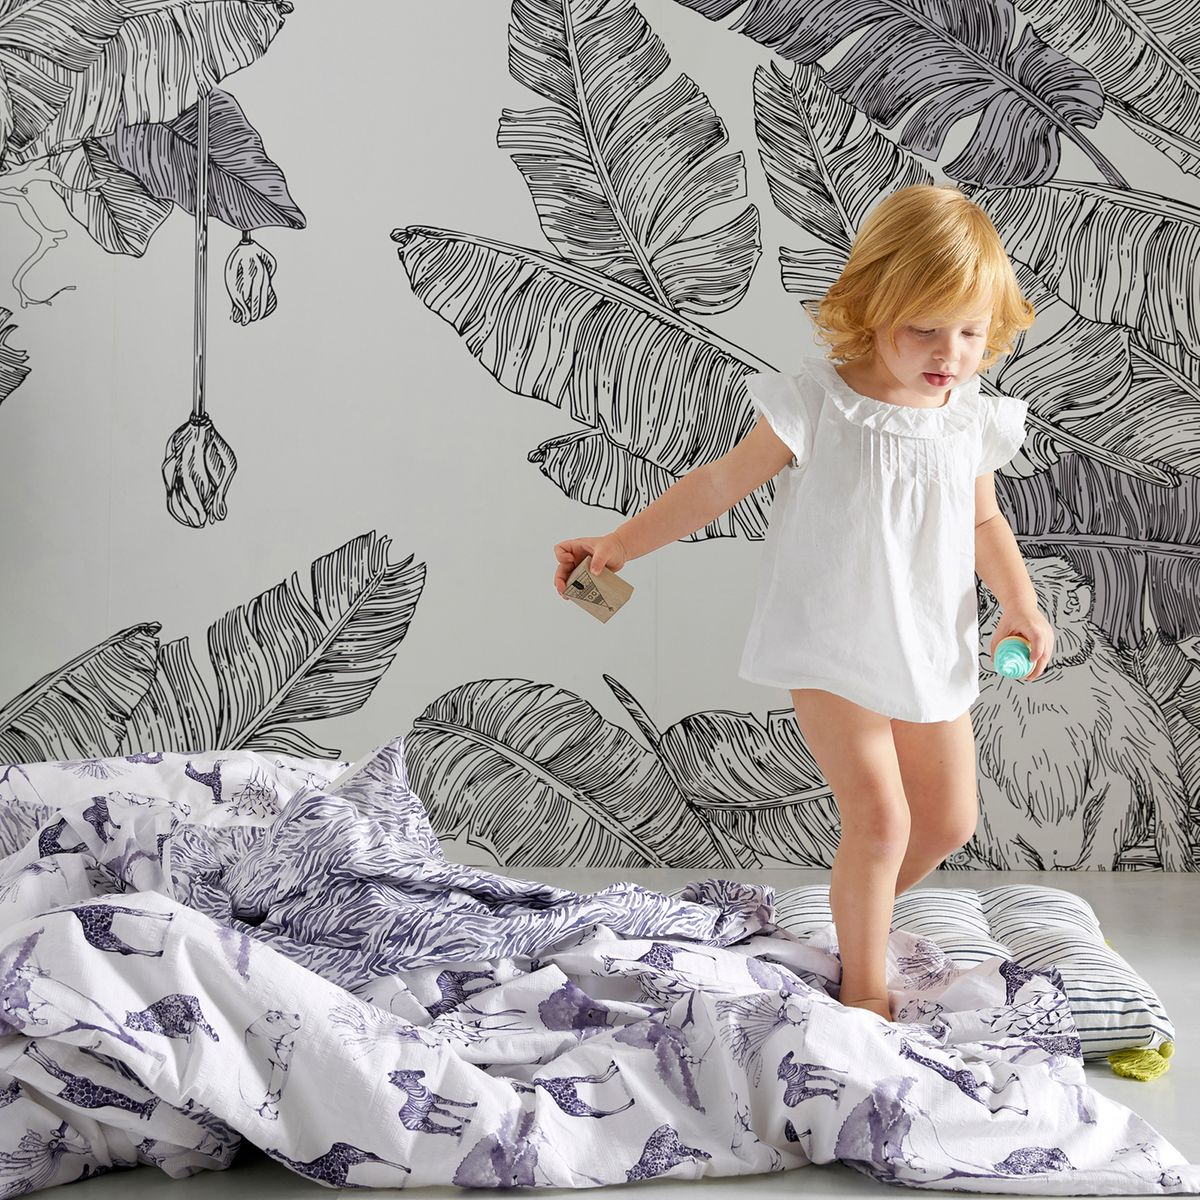 Papier Peint Panoramique Noir Et Blanc 10 papiers peints panoramiques pour styliser son intérieur